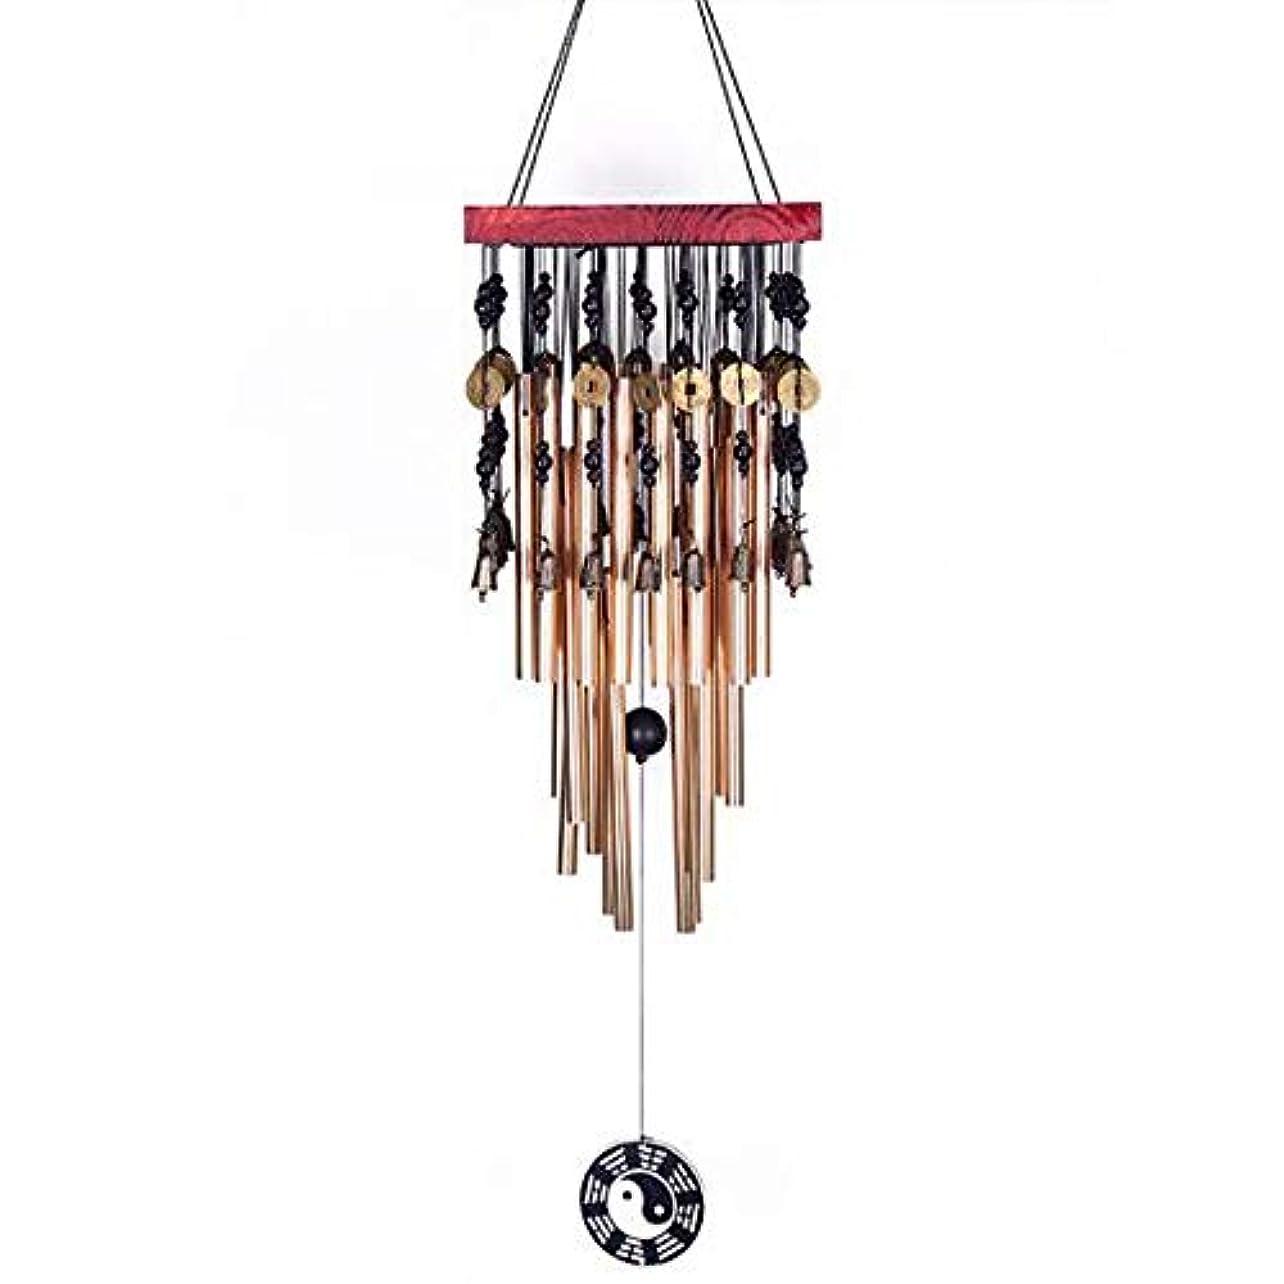 Hongyushanghang 風チャイム、メタルホームペンダント風の鐘、ゴールド、全身について80CM,、ジュエリークリエイティブホリデーギフトを掛ける (Color : B)